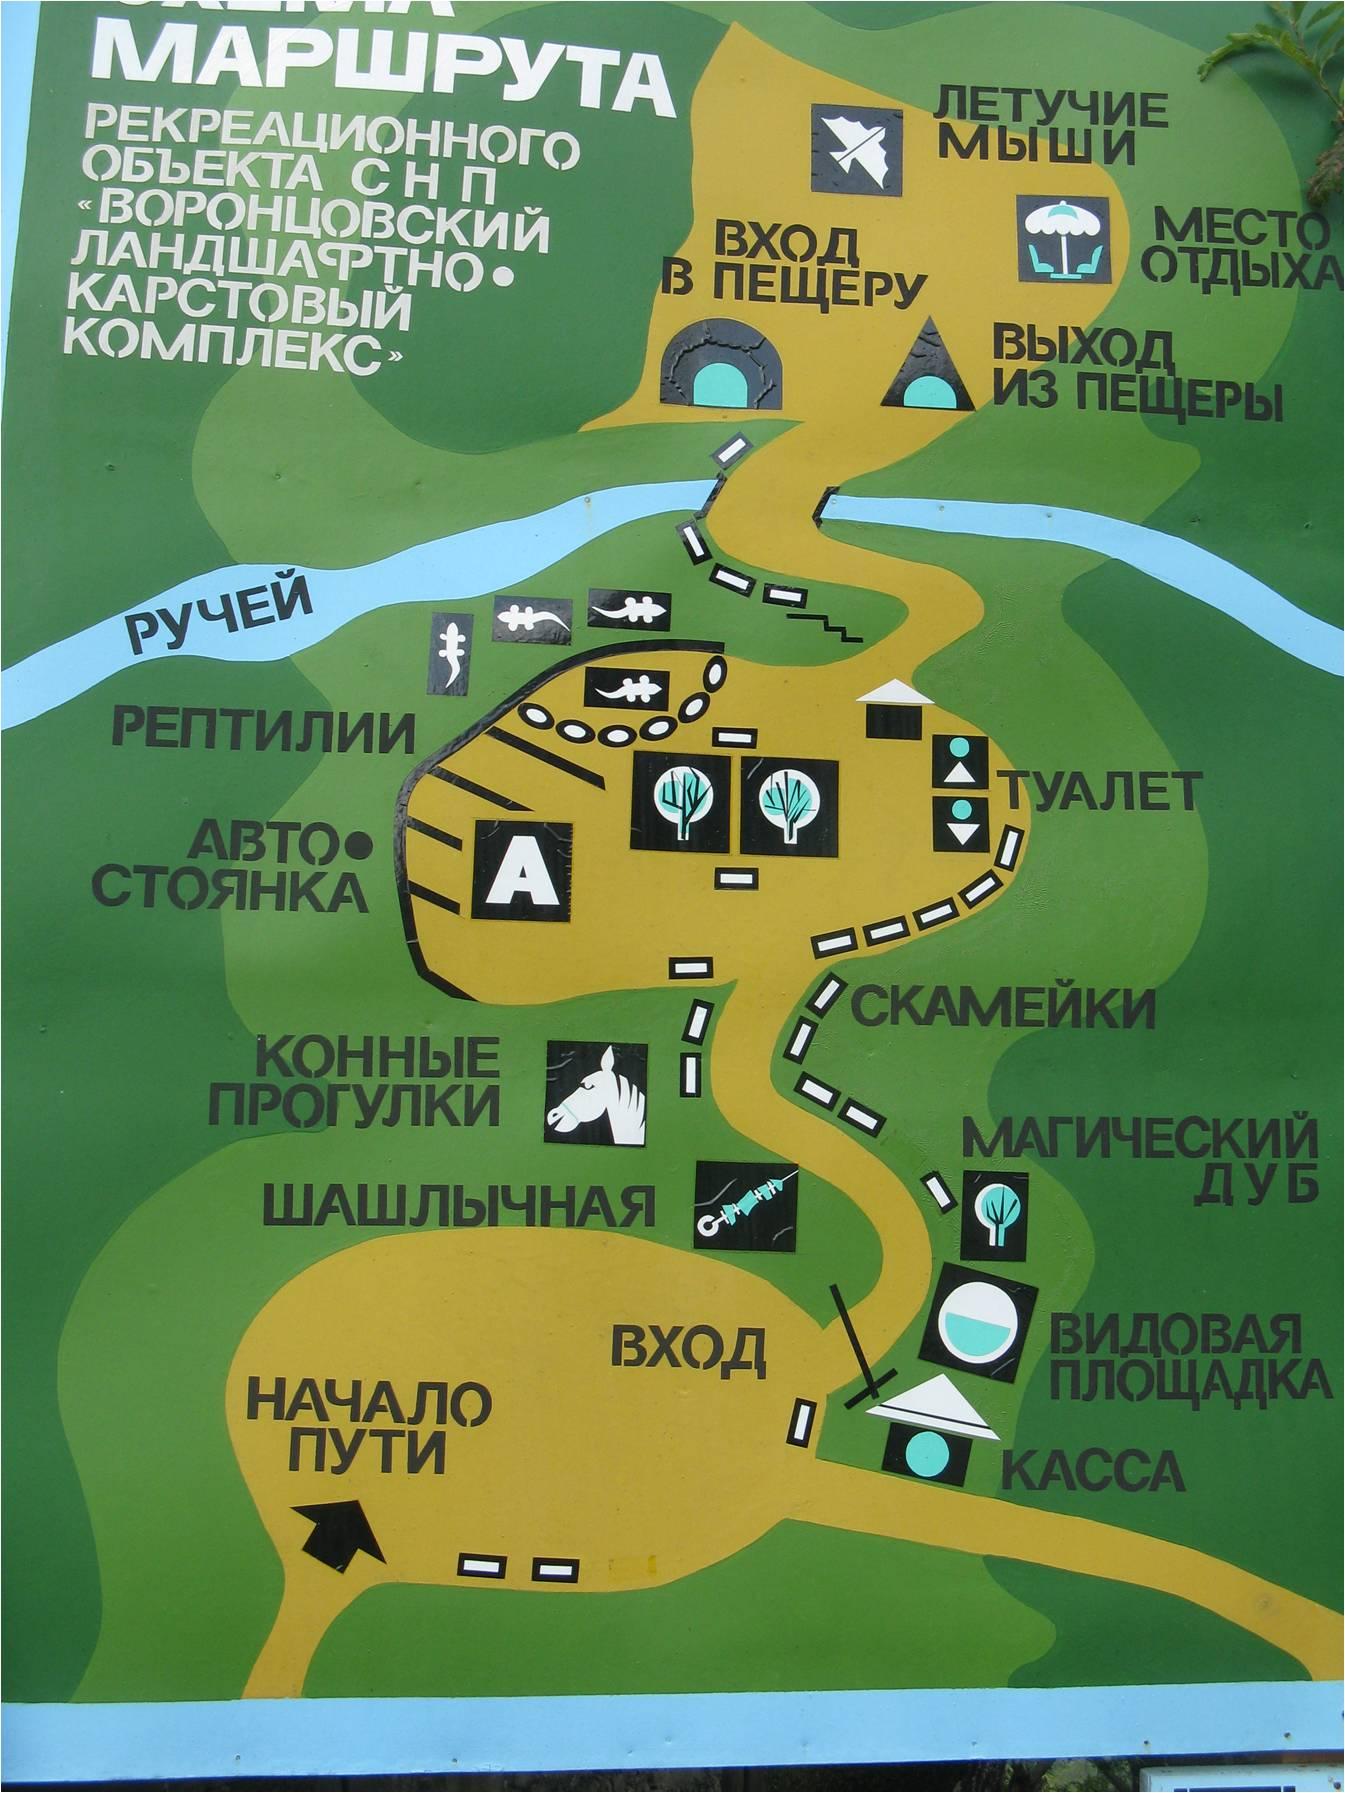 Воронцовская пещера и её окрестности